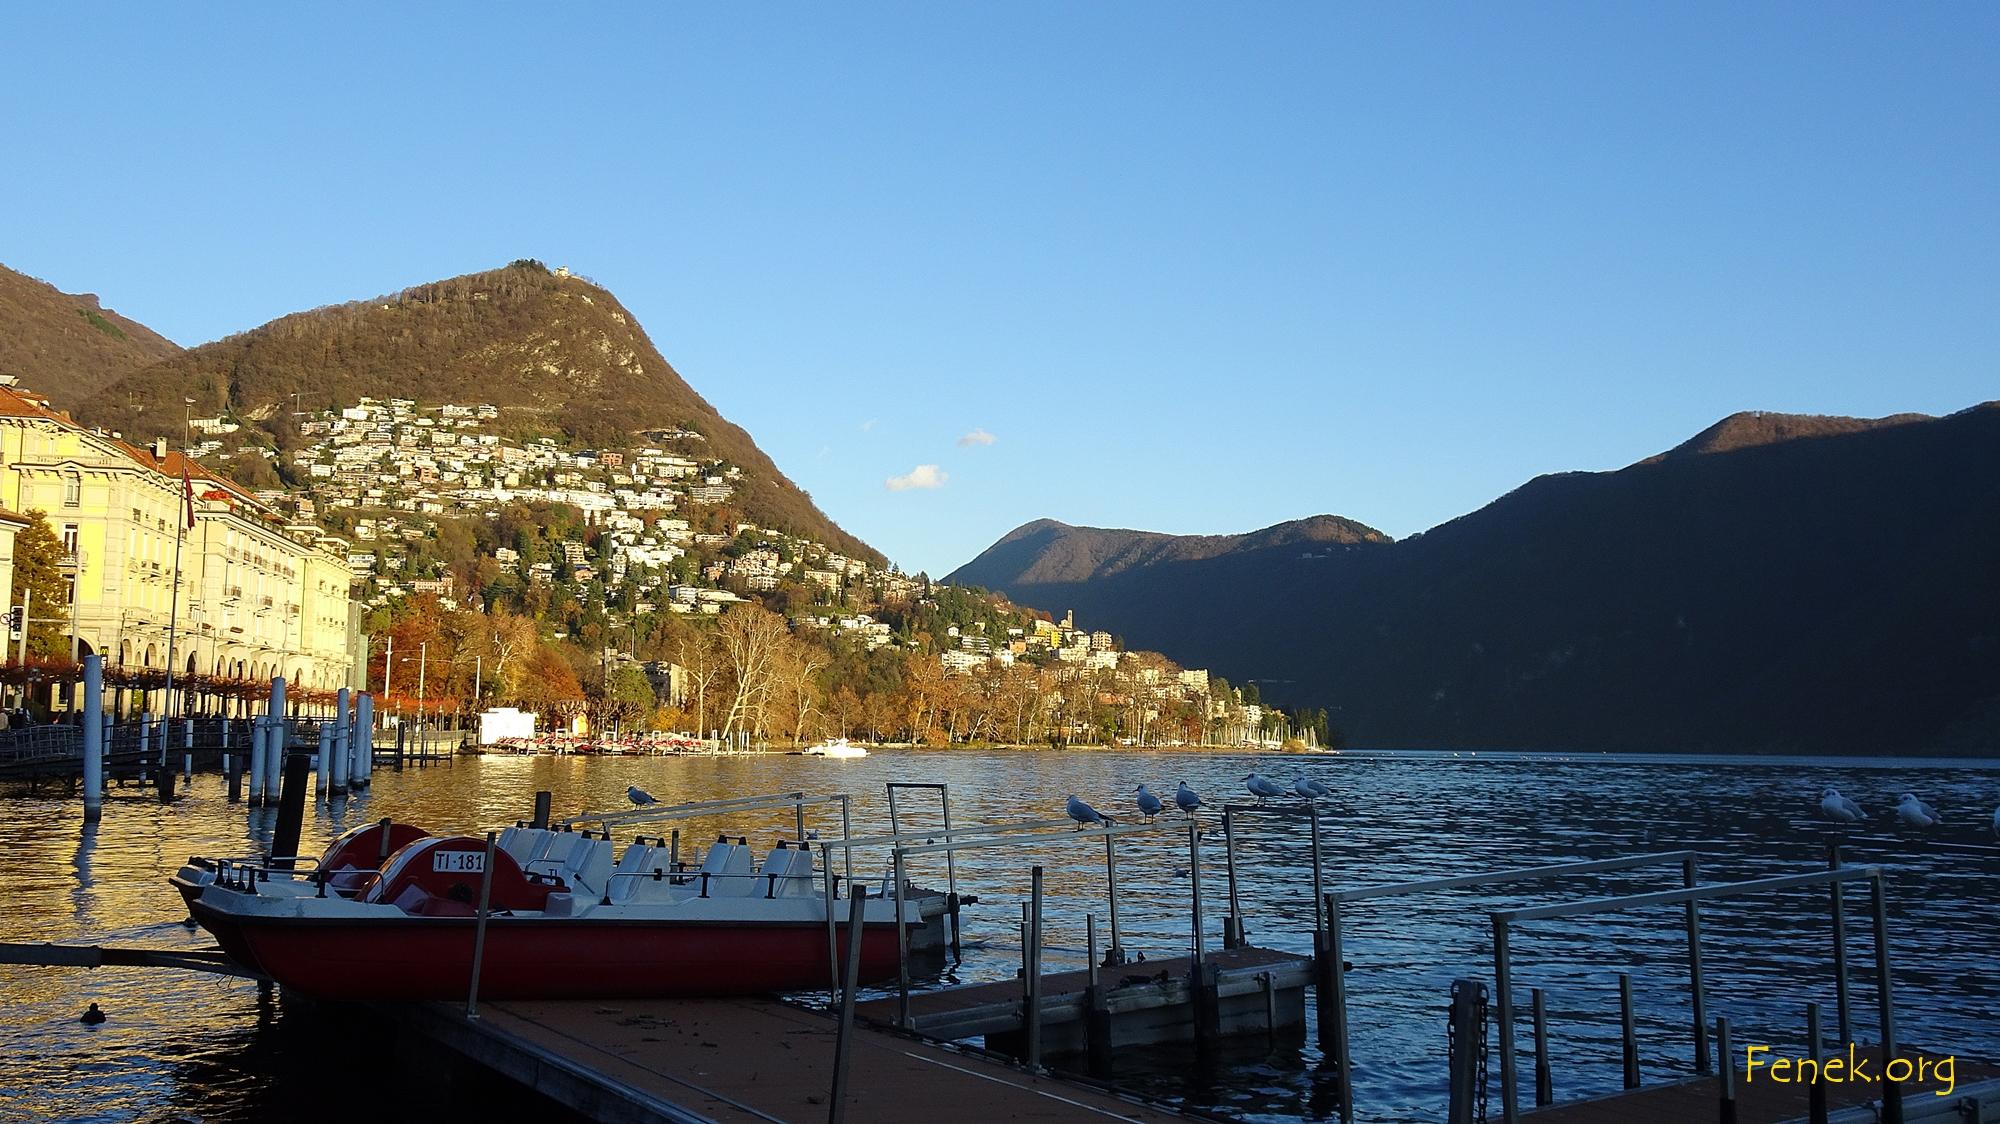 Abendlicht in Lugano